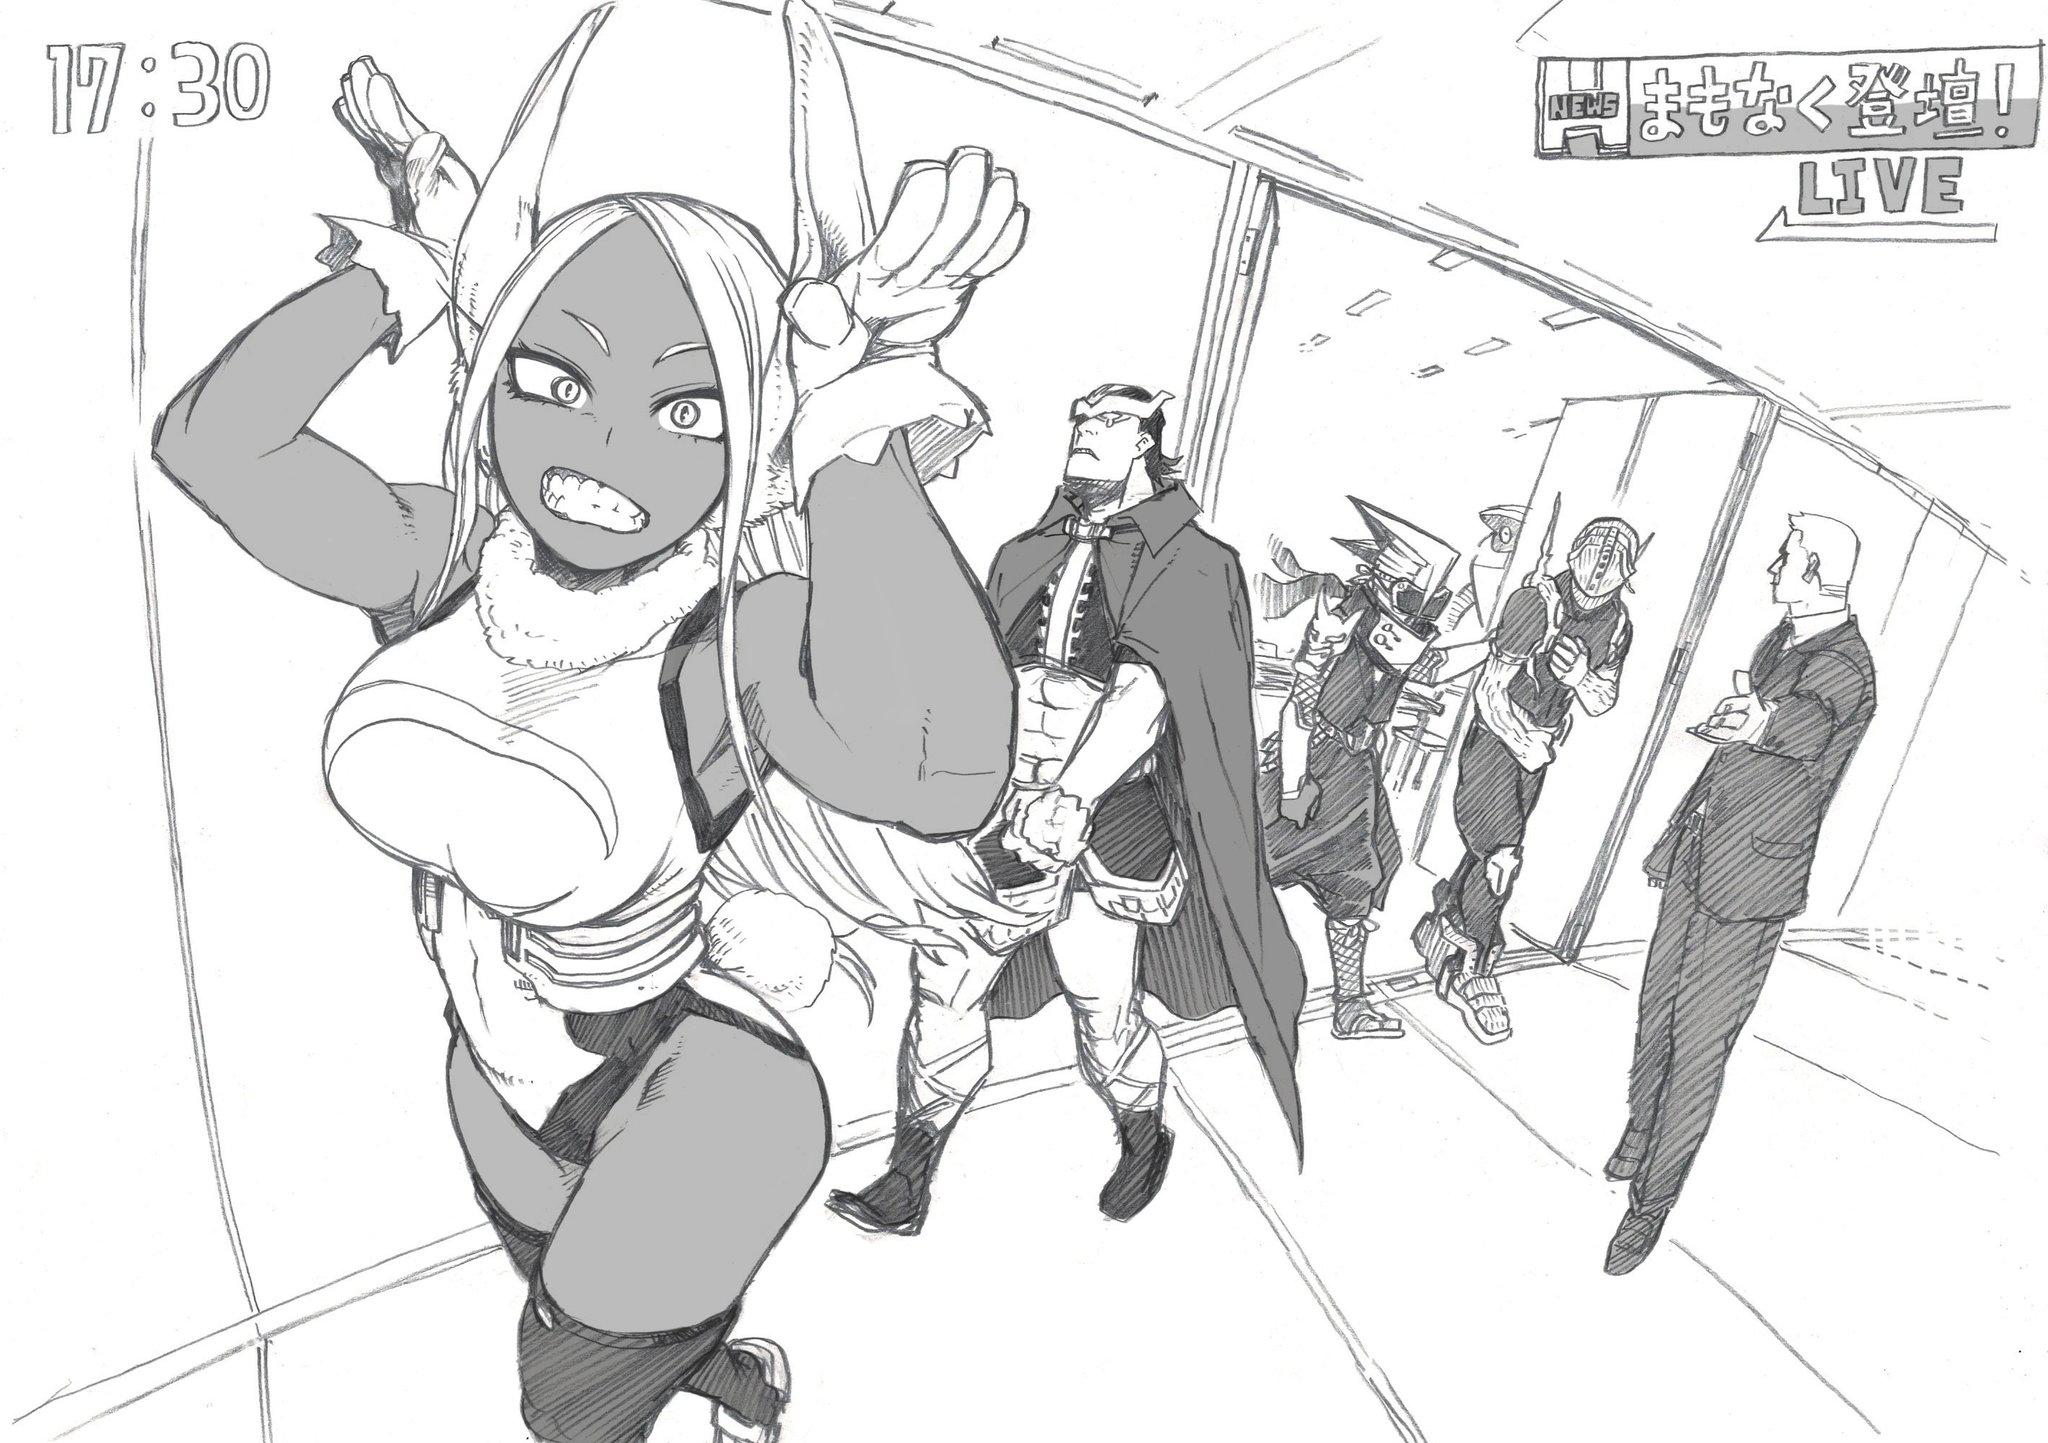 Episode 87 Sketch 1